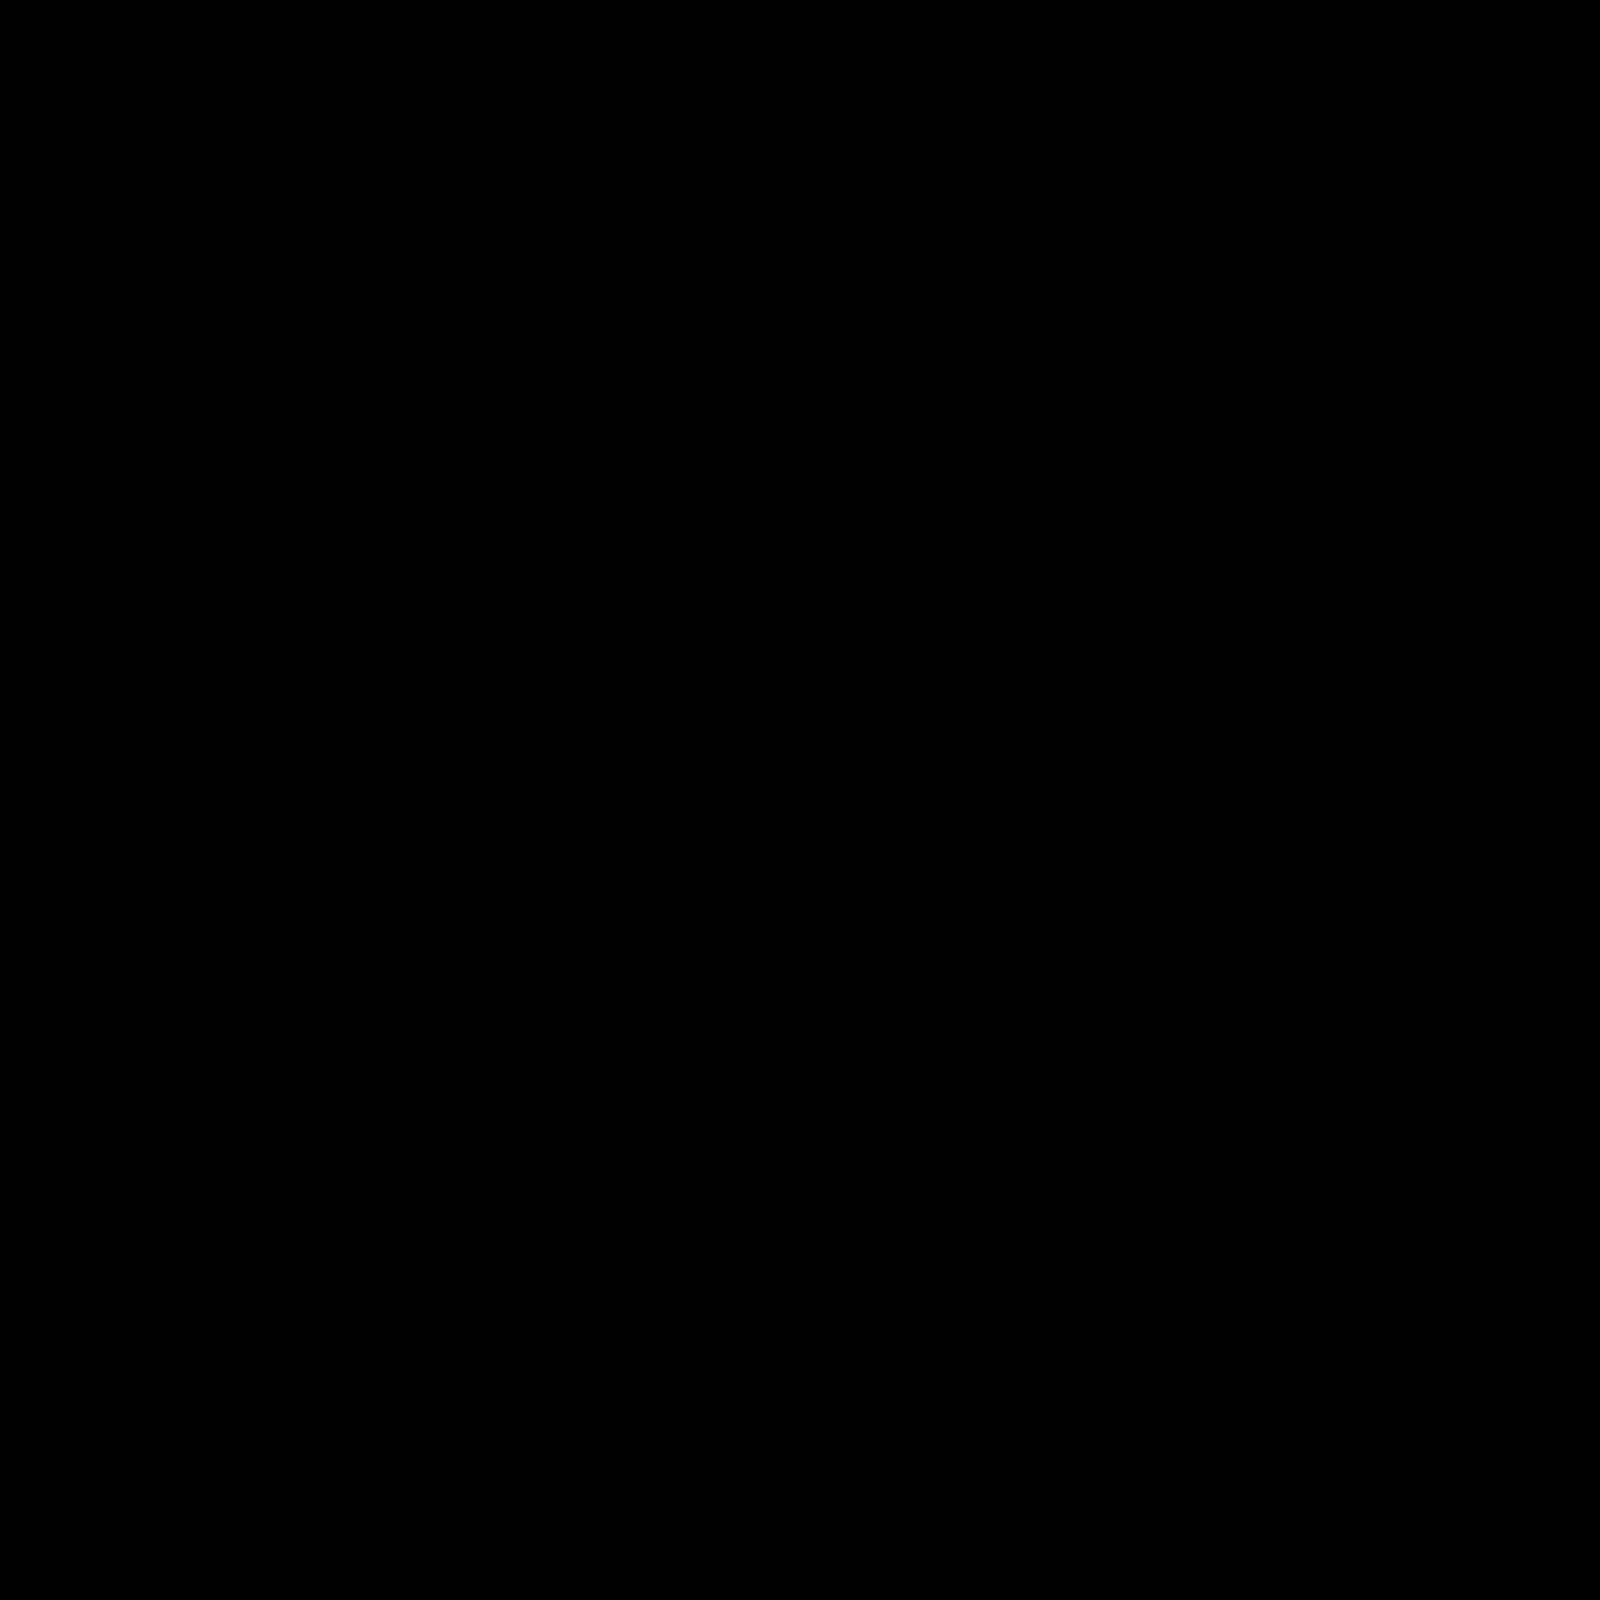 Willow icon